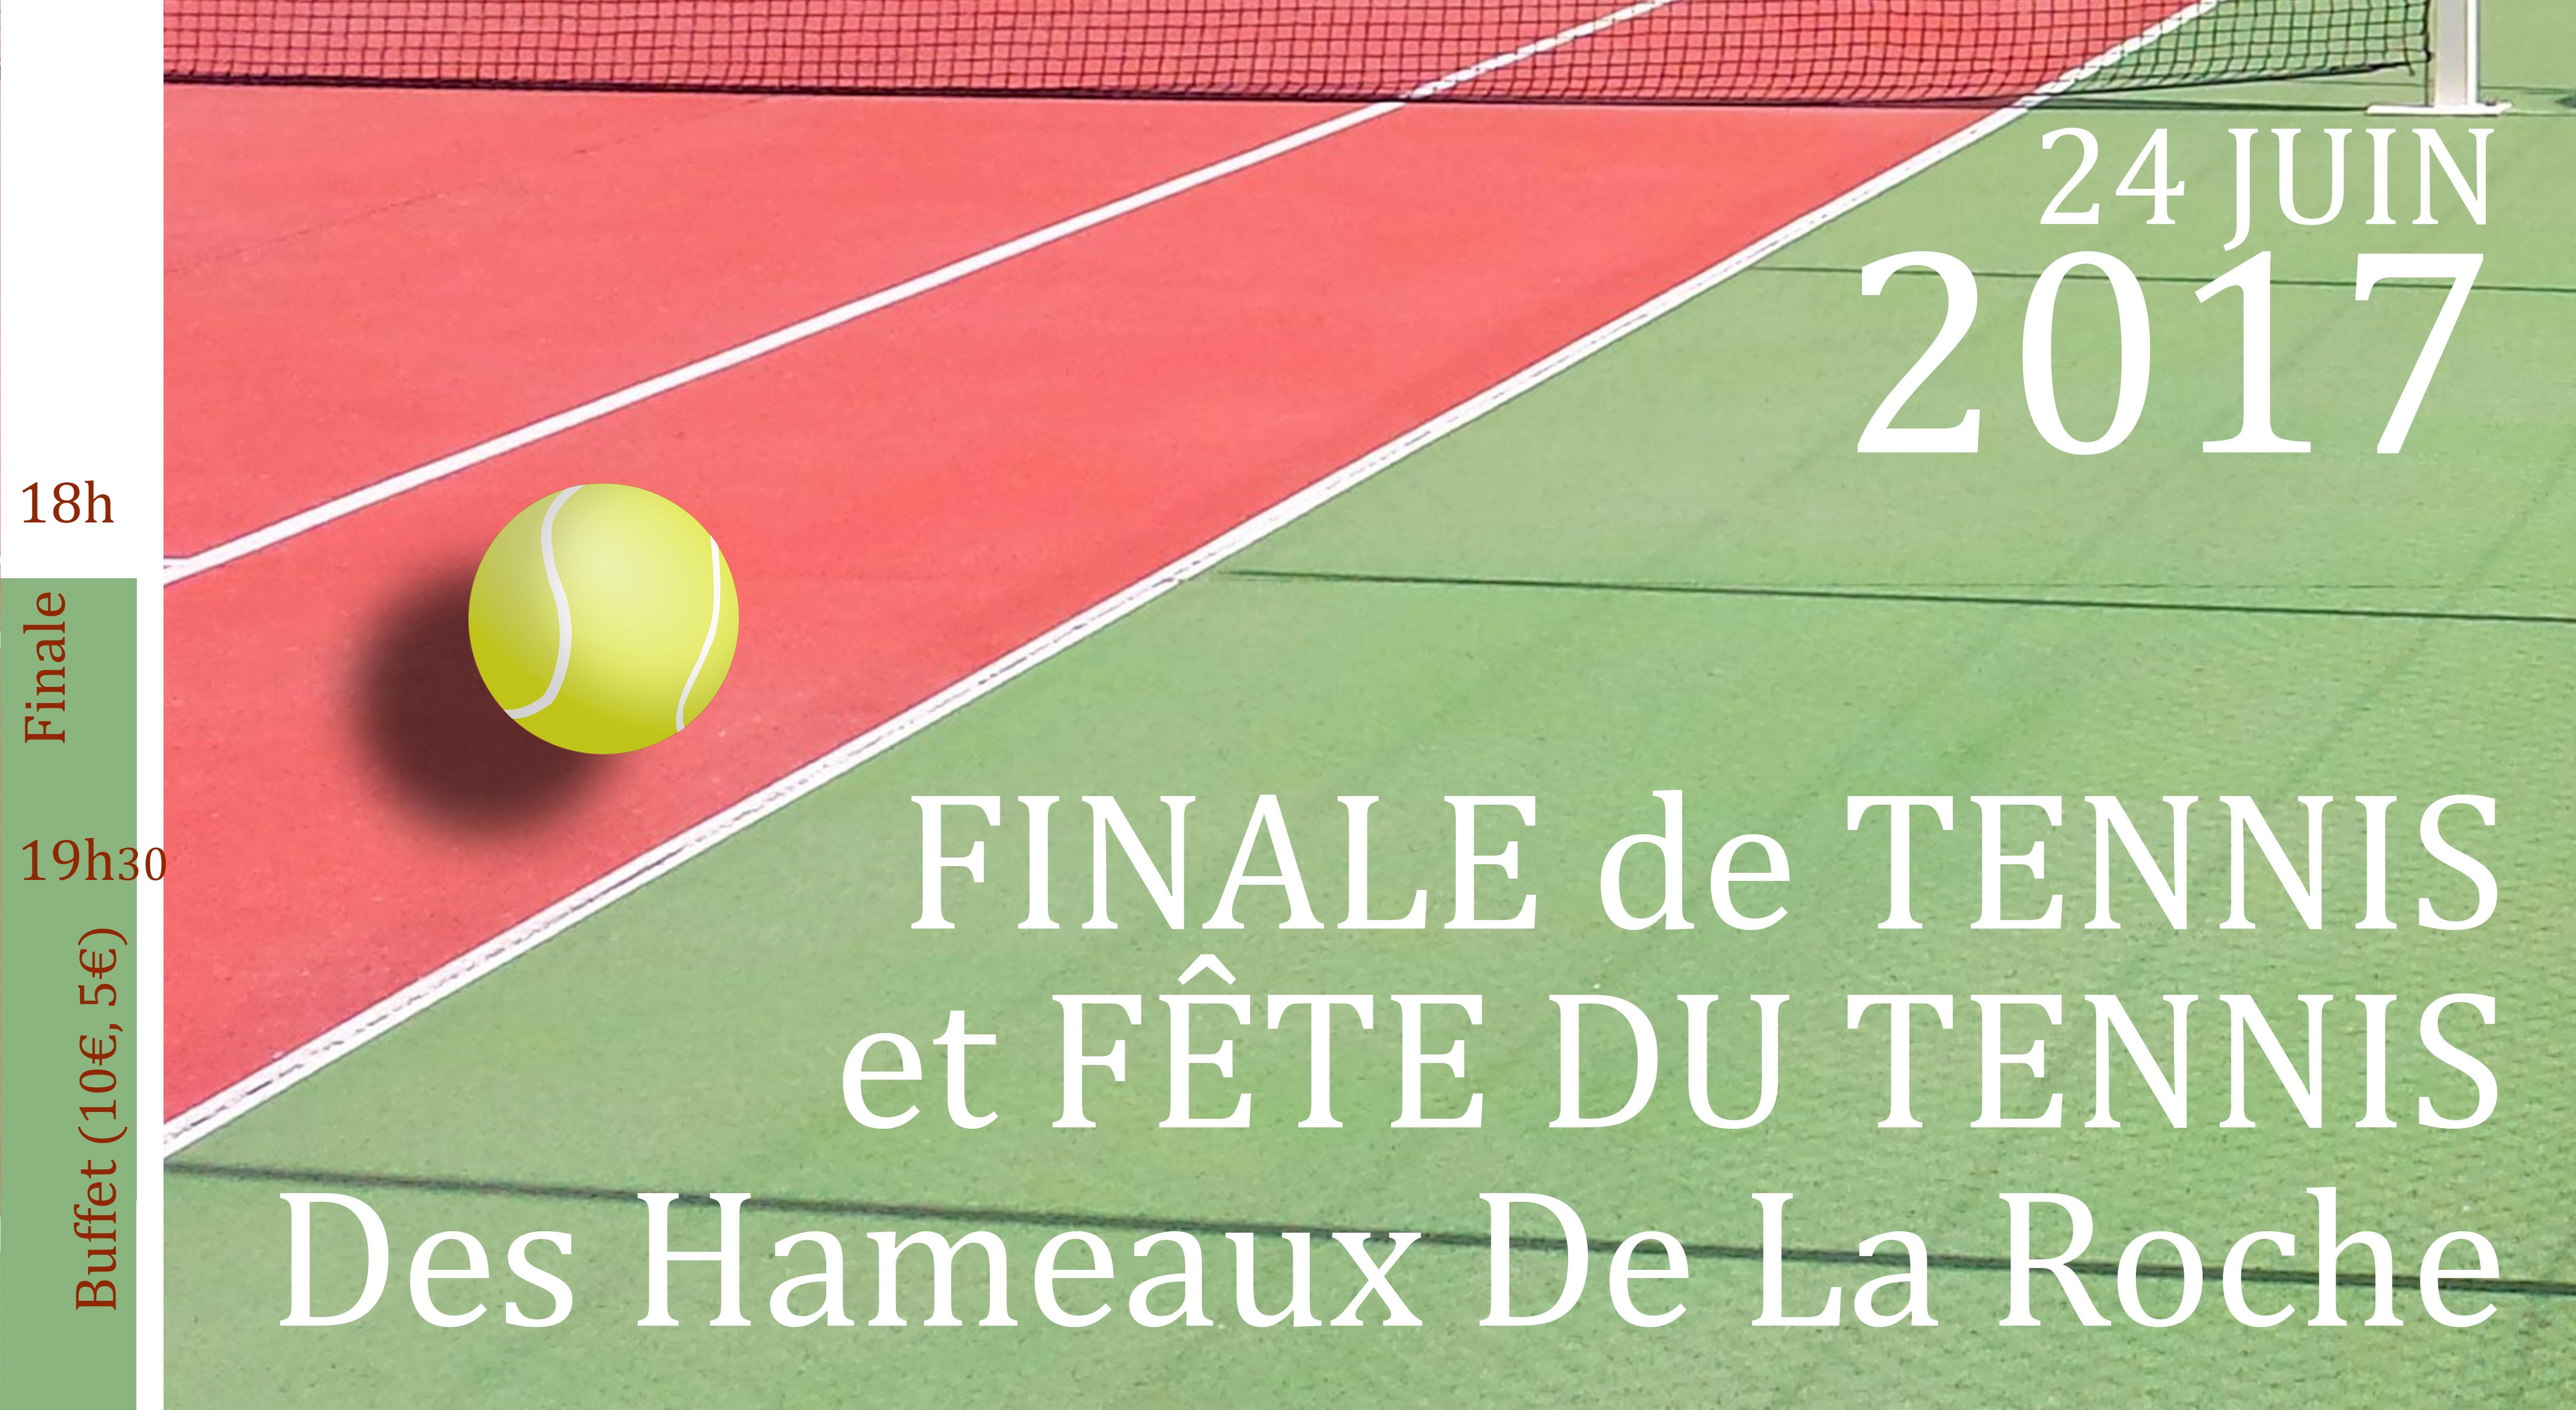 affiche-finale-tennis2017-version-horizontale